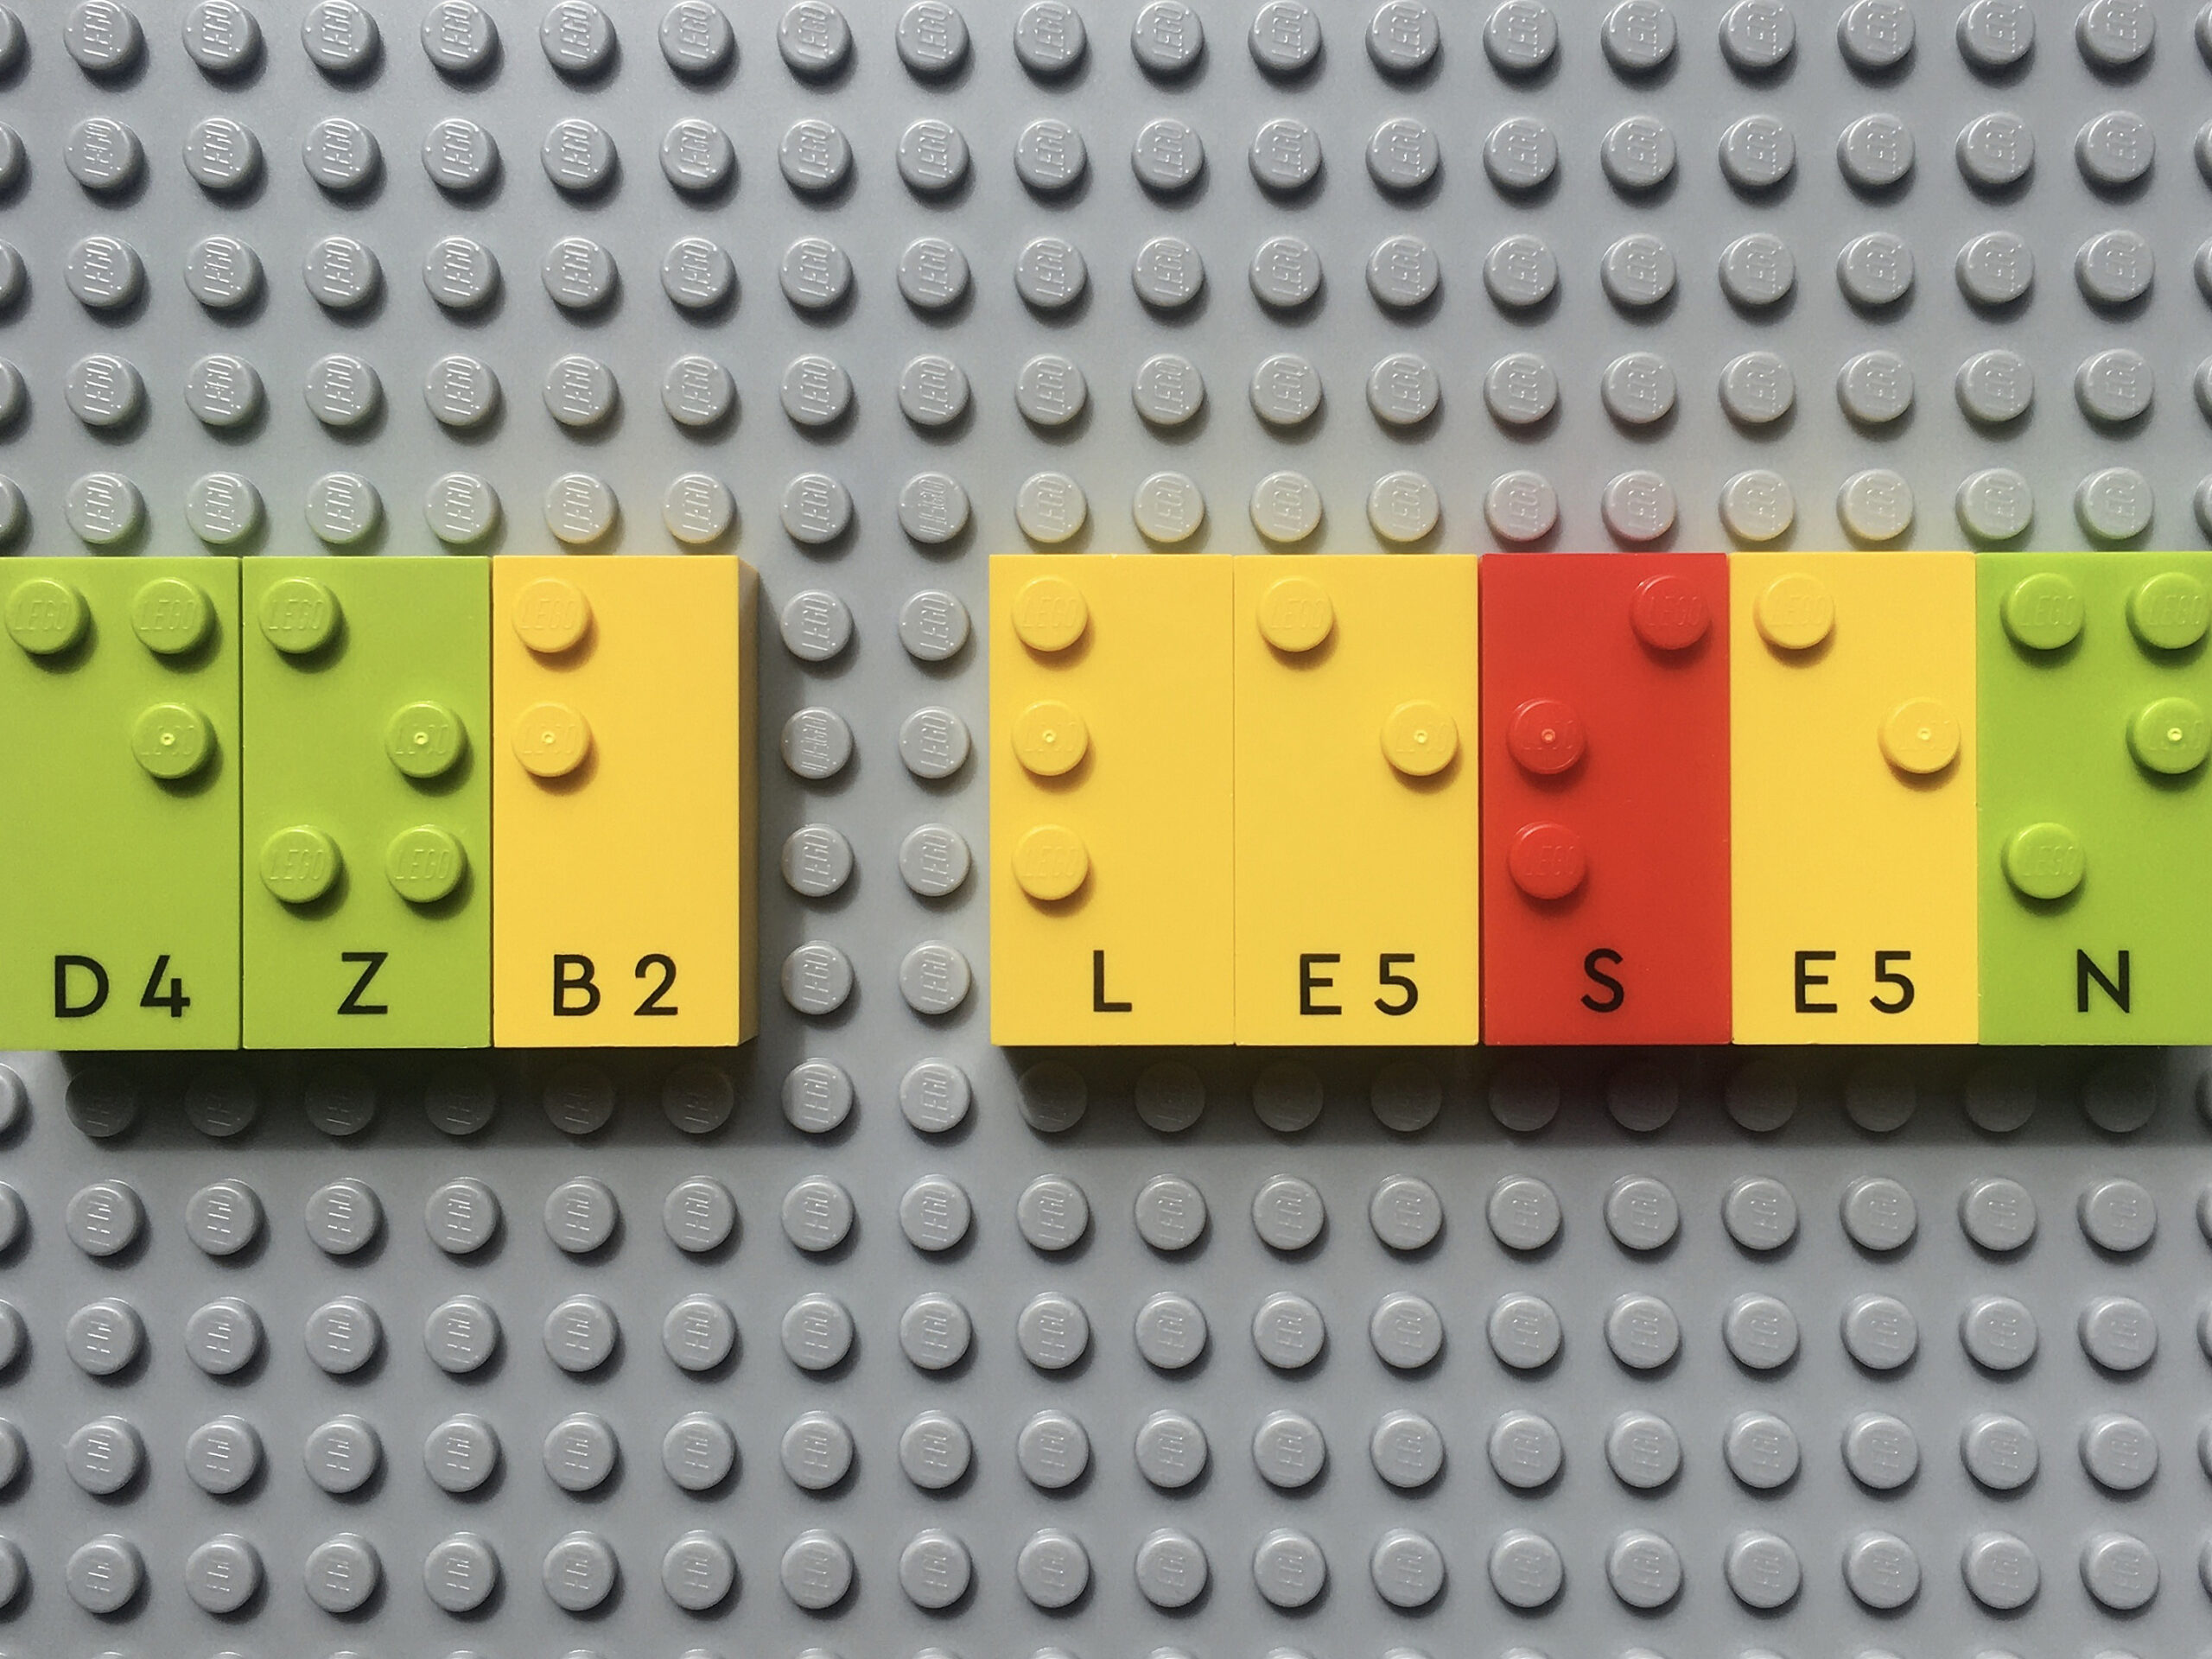 LEGO Braillesteine (oben Brailleschrift als Noppen, unten Schwarzschrift) auf Grundplatte. Es sind die Wörter dzb lesen gelegt.